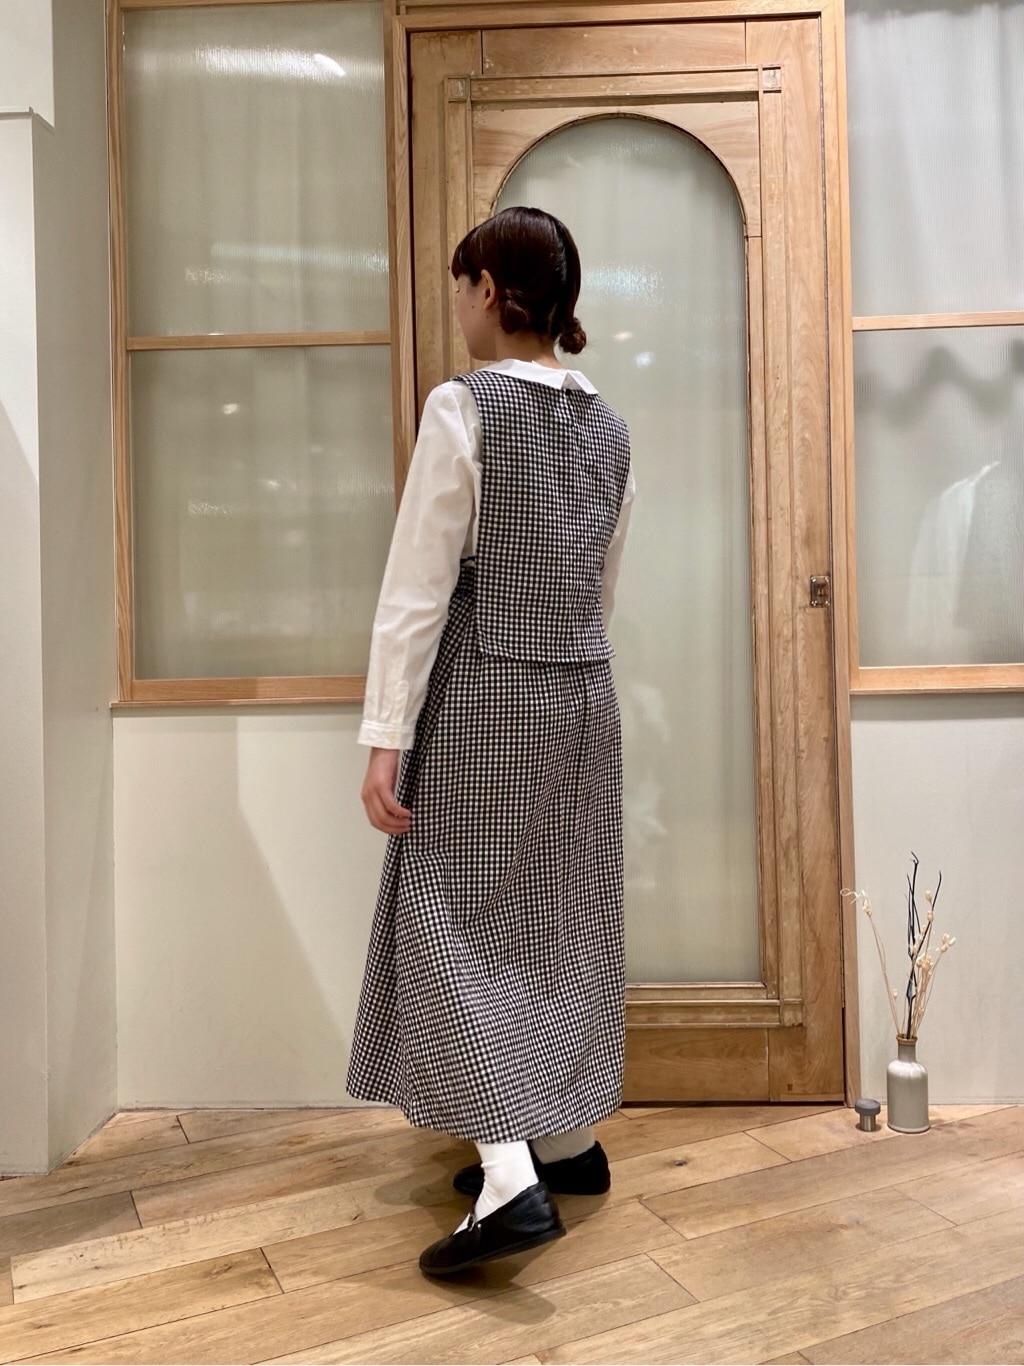 l'atelier du savon 東京スカイツリータウン・ソラマチ 身長:154cm 2021.03.05